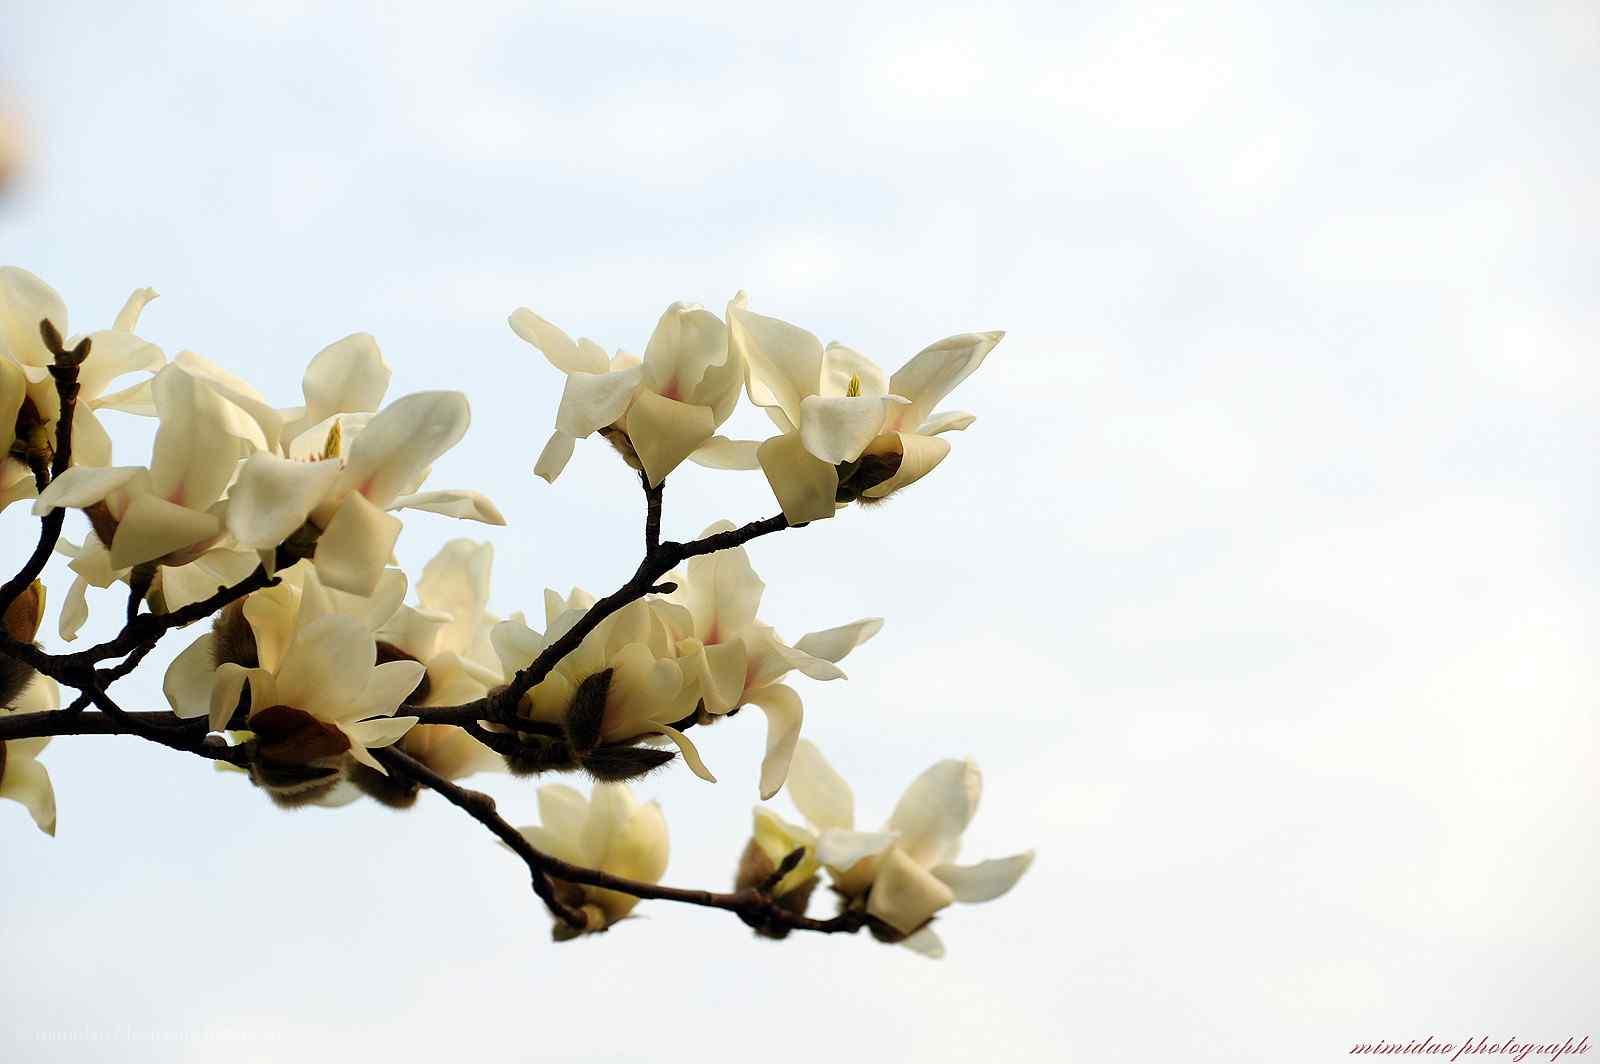 蓝天白云下的白兰花桌面壁纸